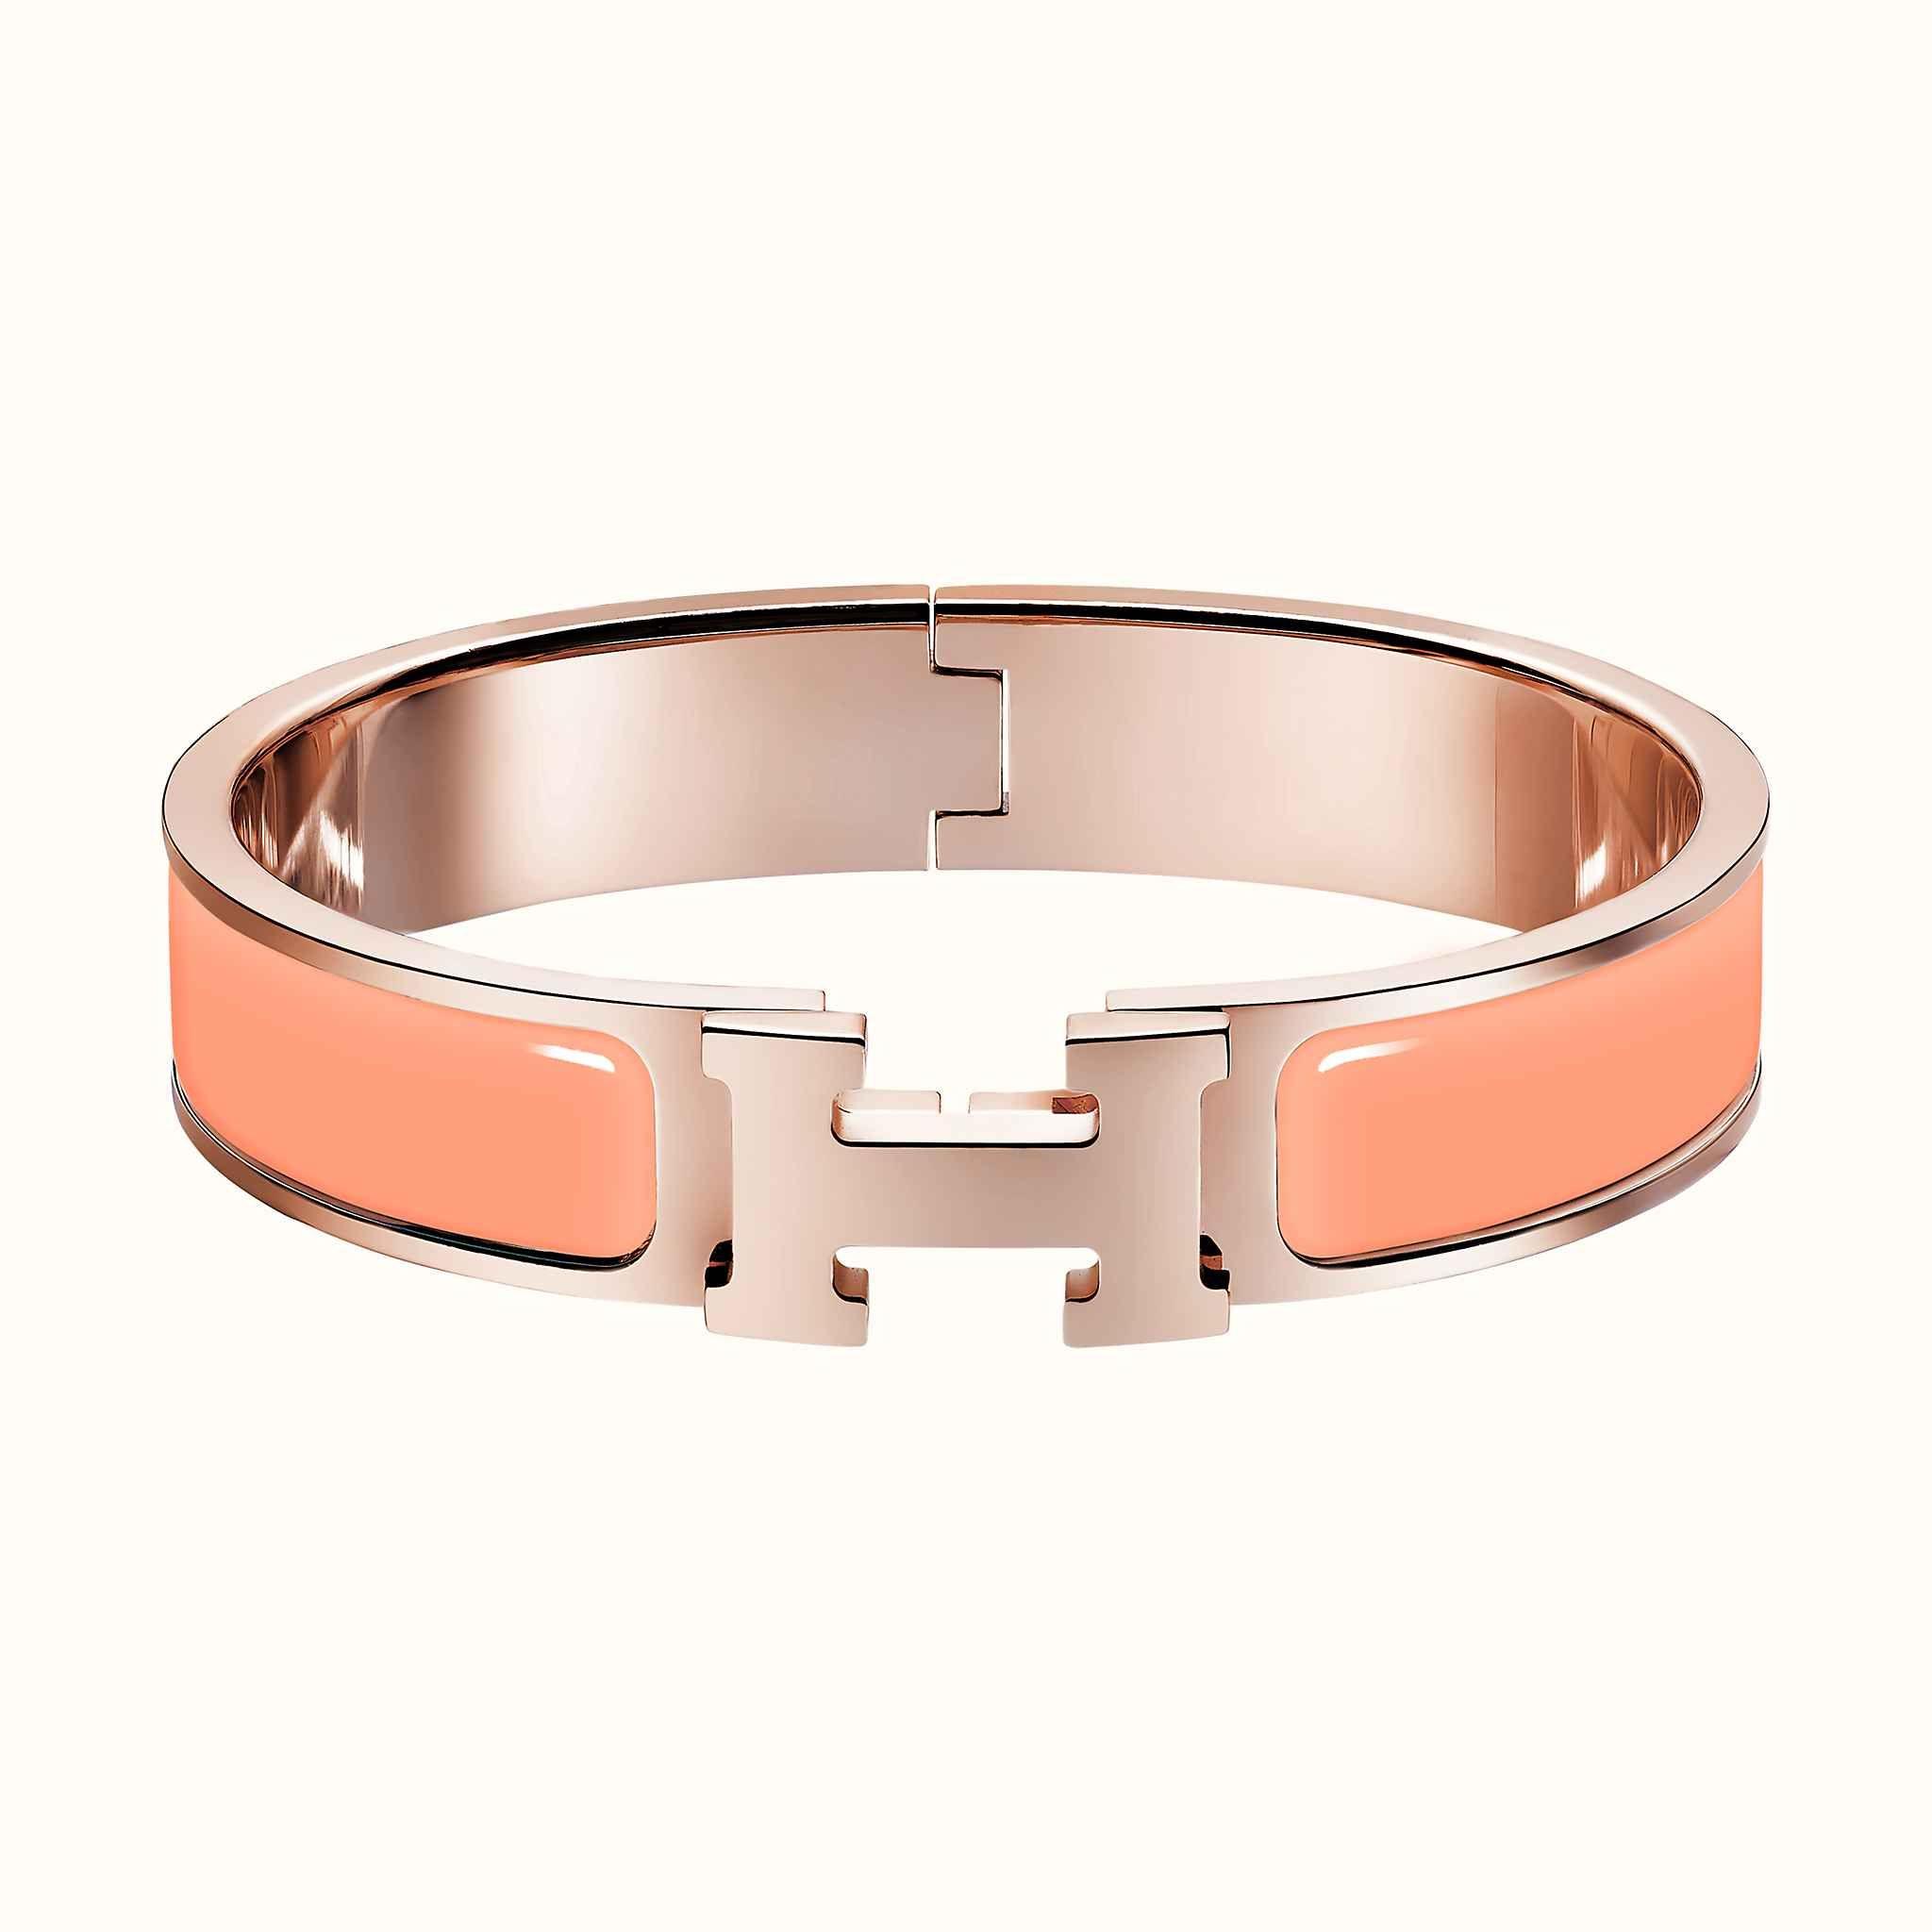 Clic H bracelet | Gold plated bracelets, Hermes jewelry, Bracelets